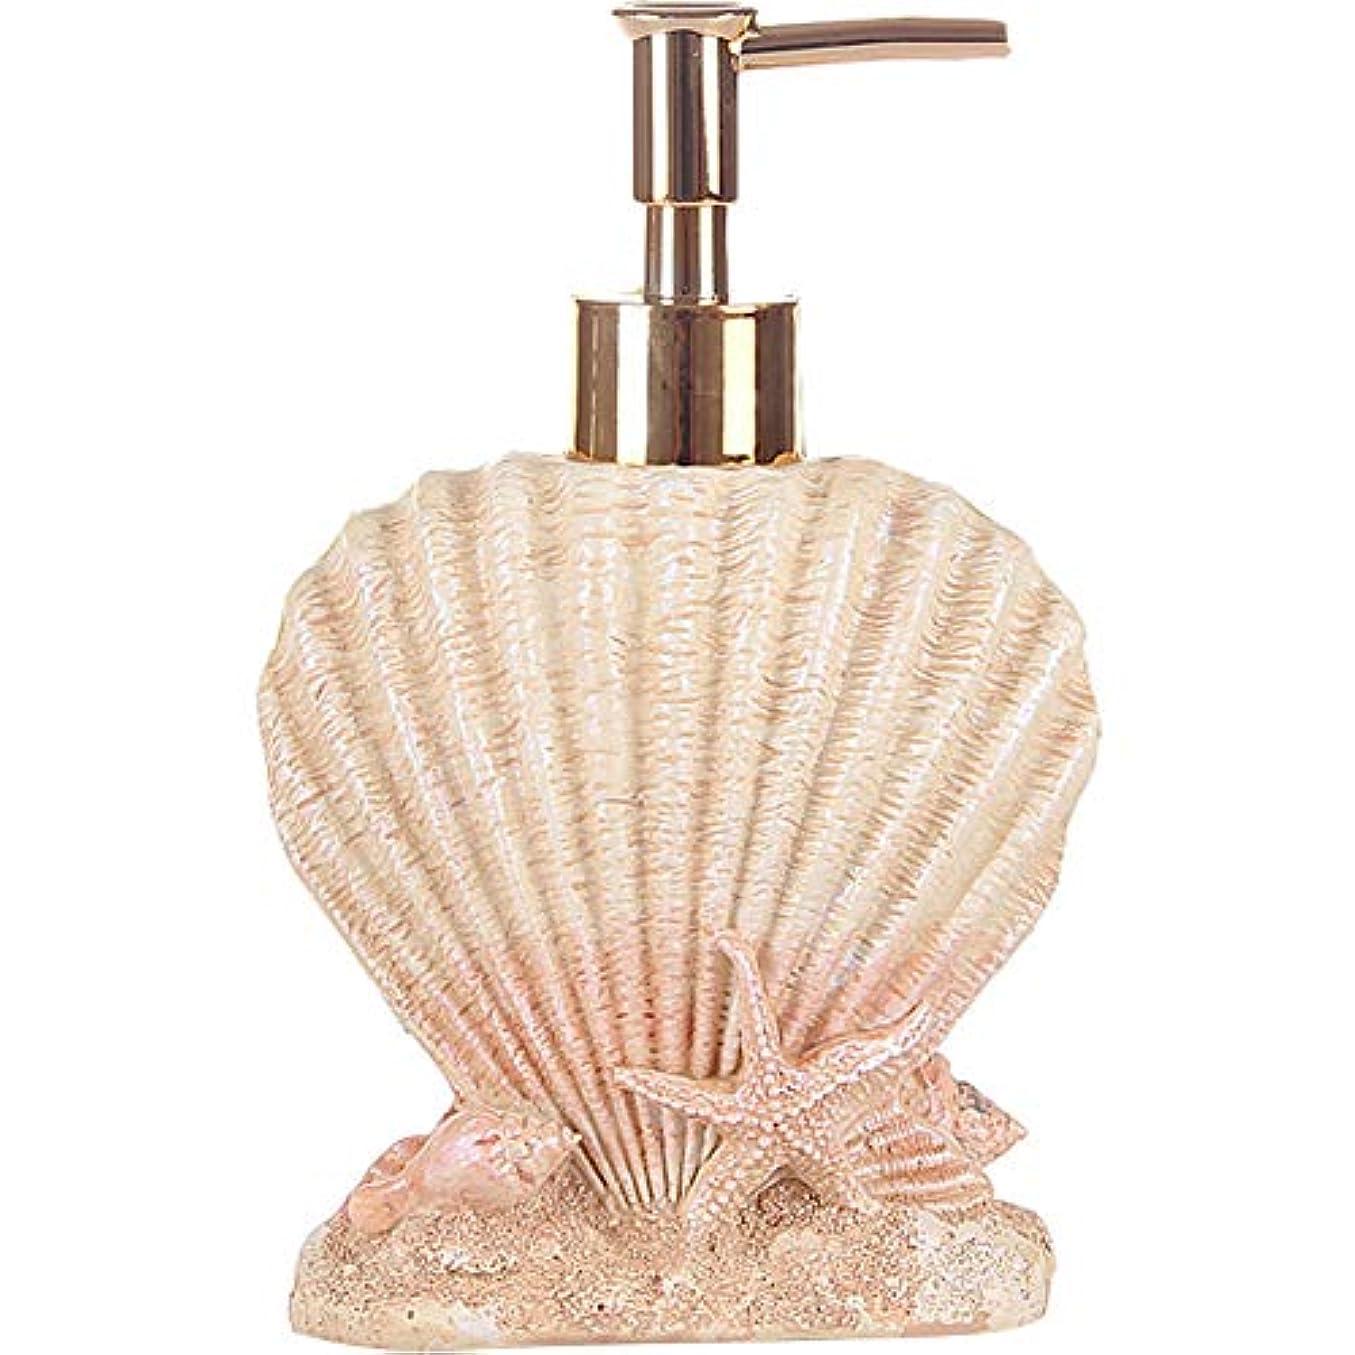 タンパク質うねる振り向く(Shell) - Creative Beach Shells European Style Hand Soap Liquid Bottles Resin Shampoo Dispenser (shell)